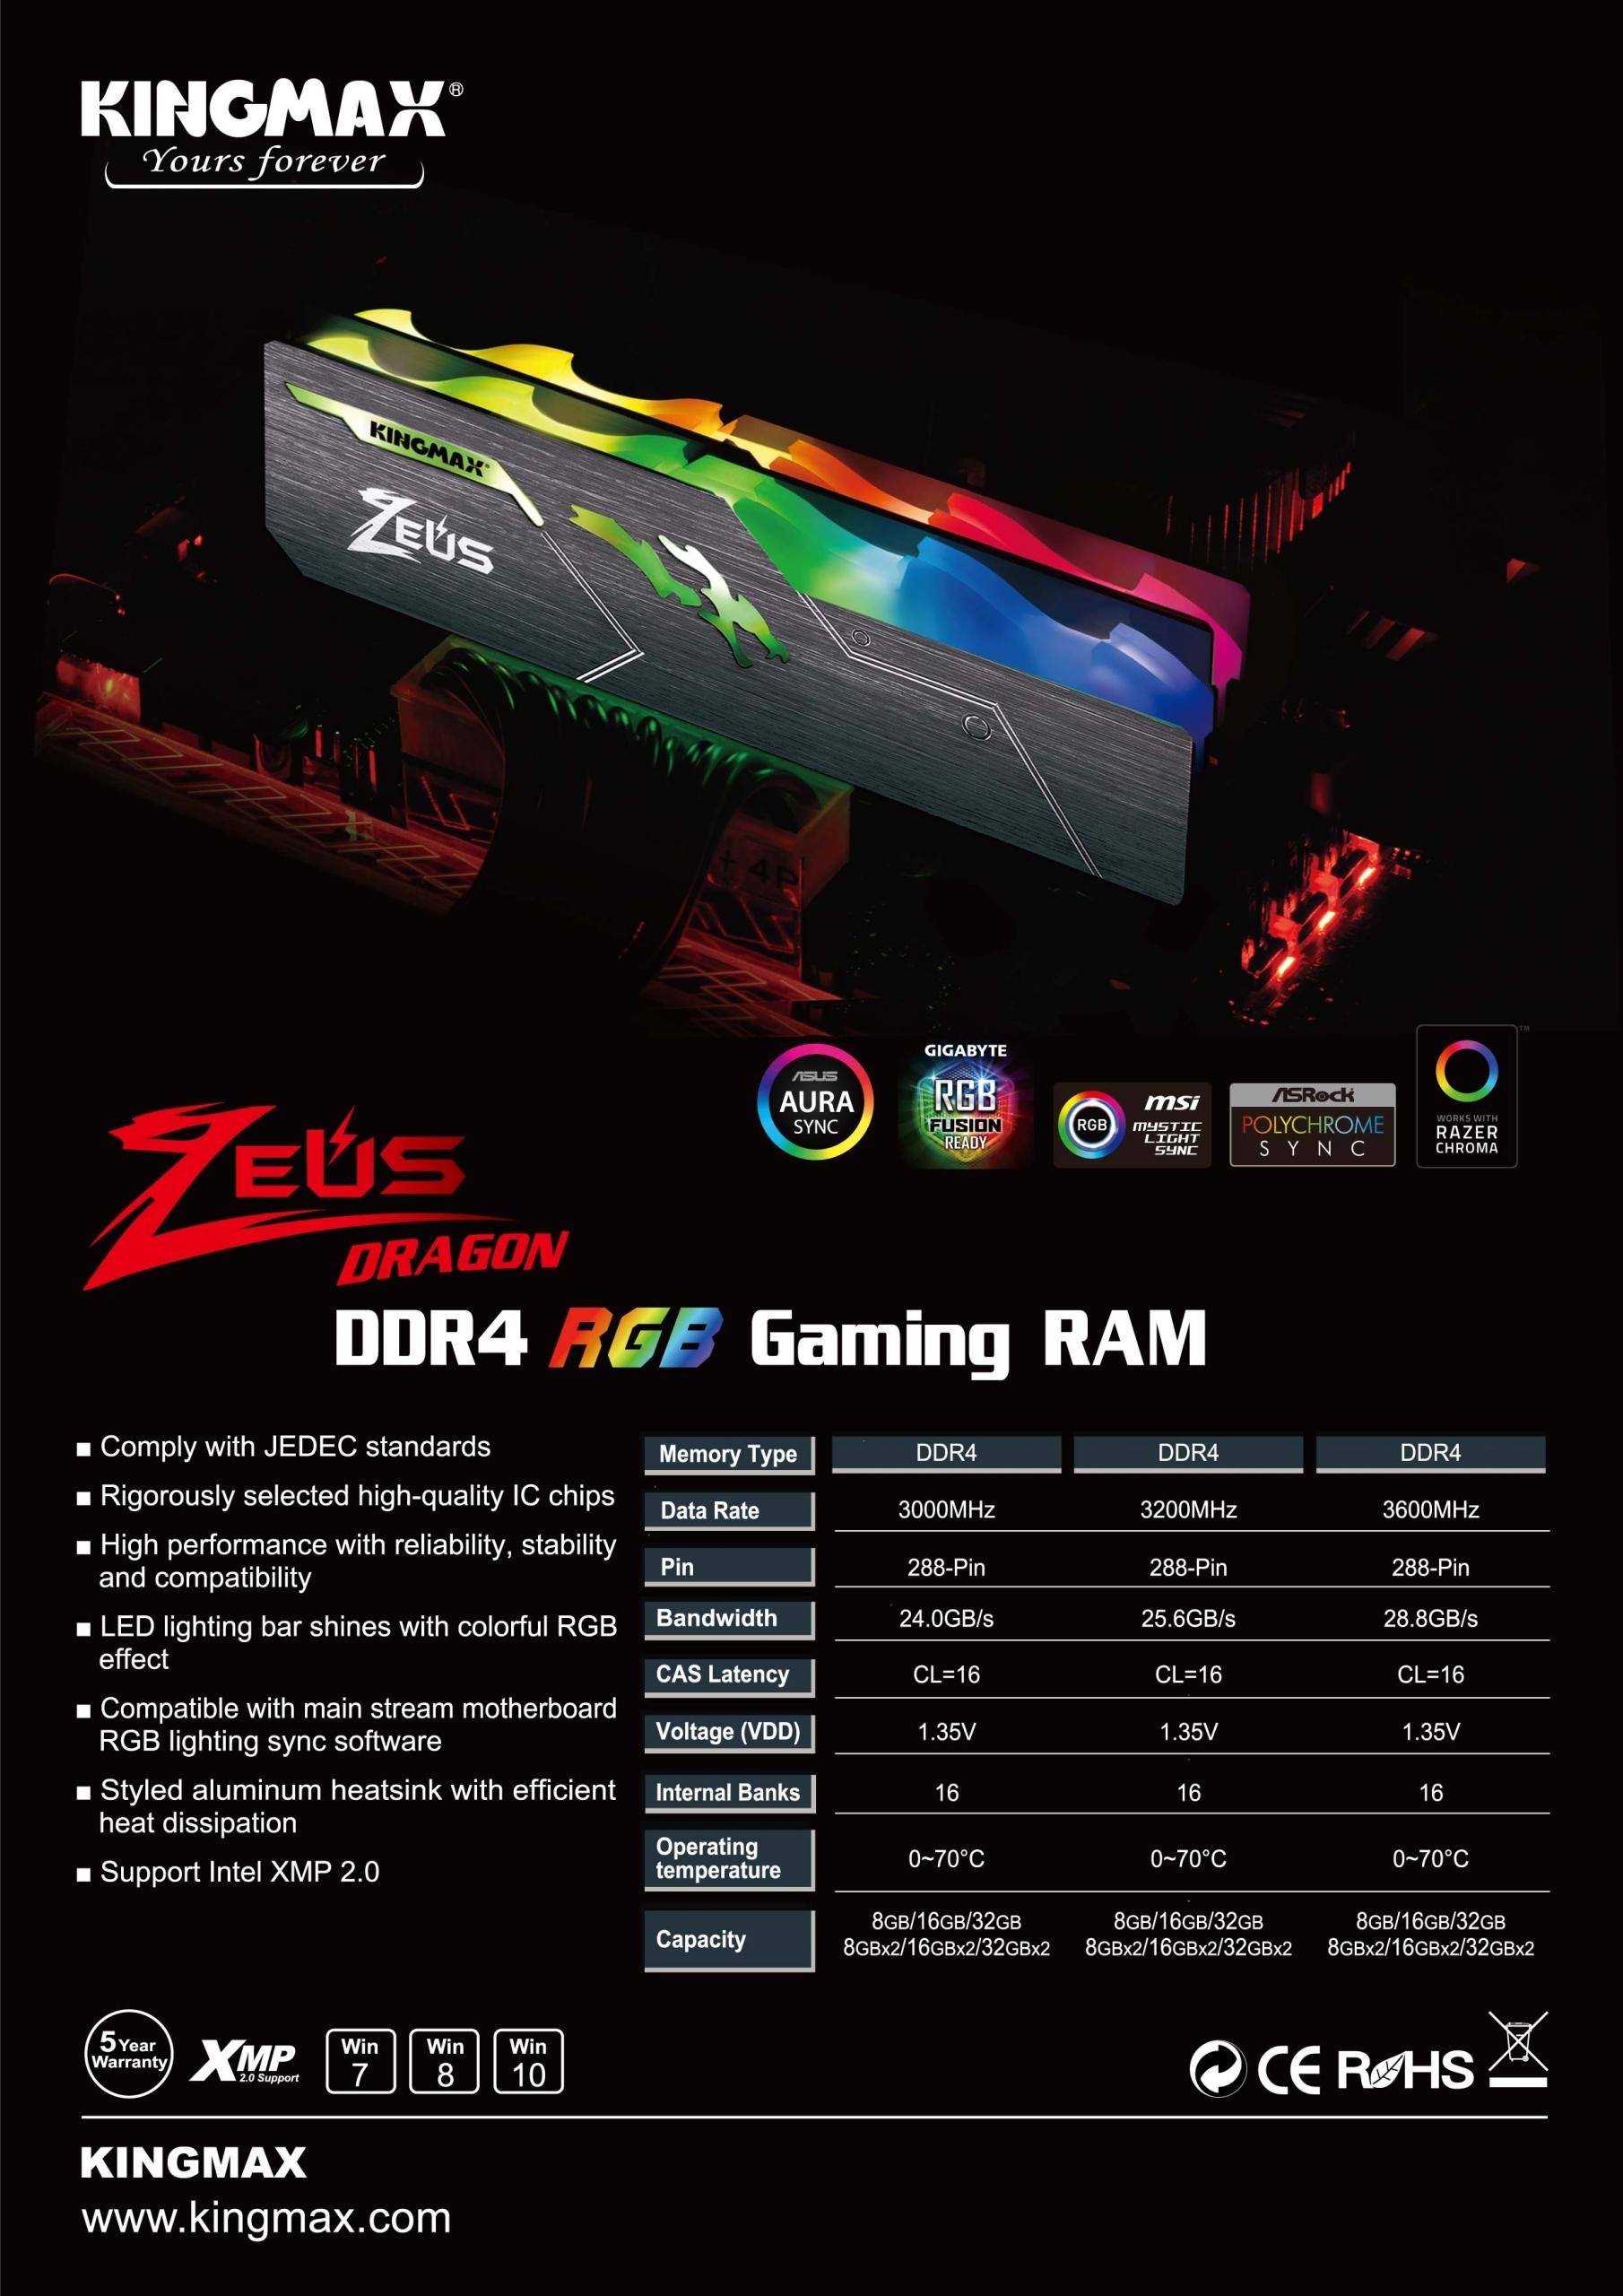 Kingmax Zeus Dragon DDR4 RGB Gaming RAM 16GB 3200Mhz Single 9